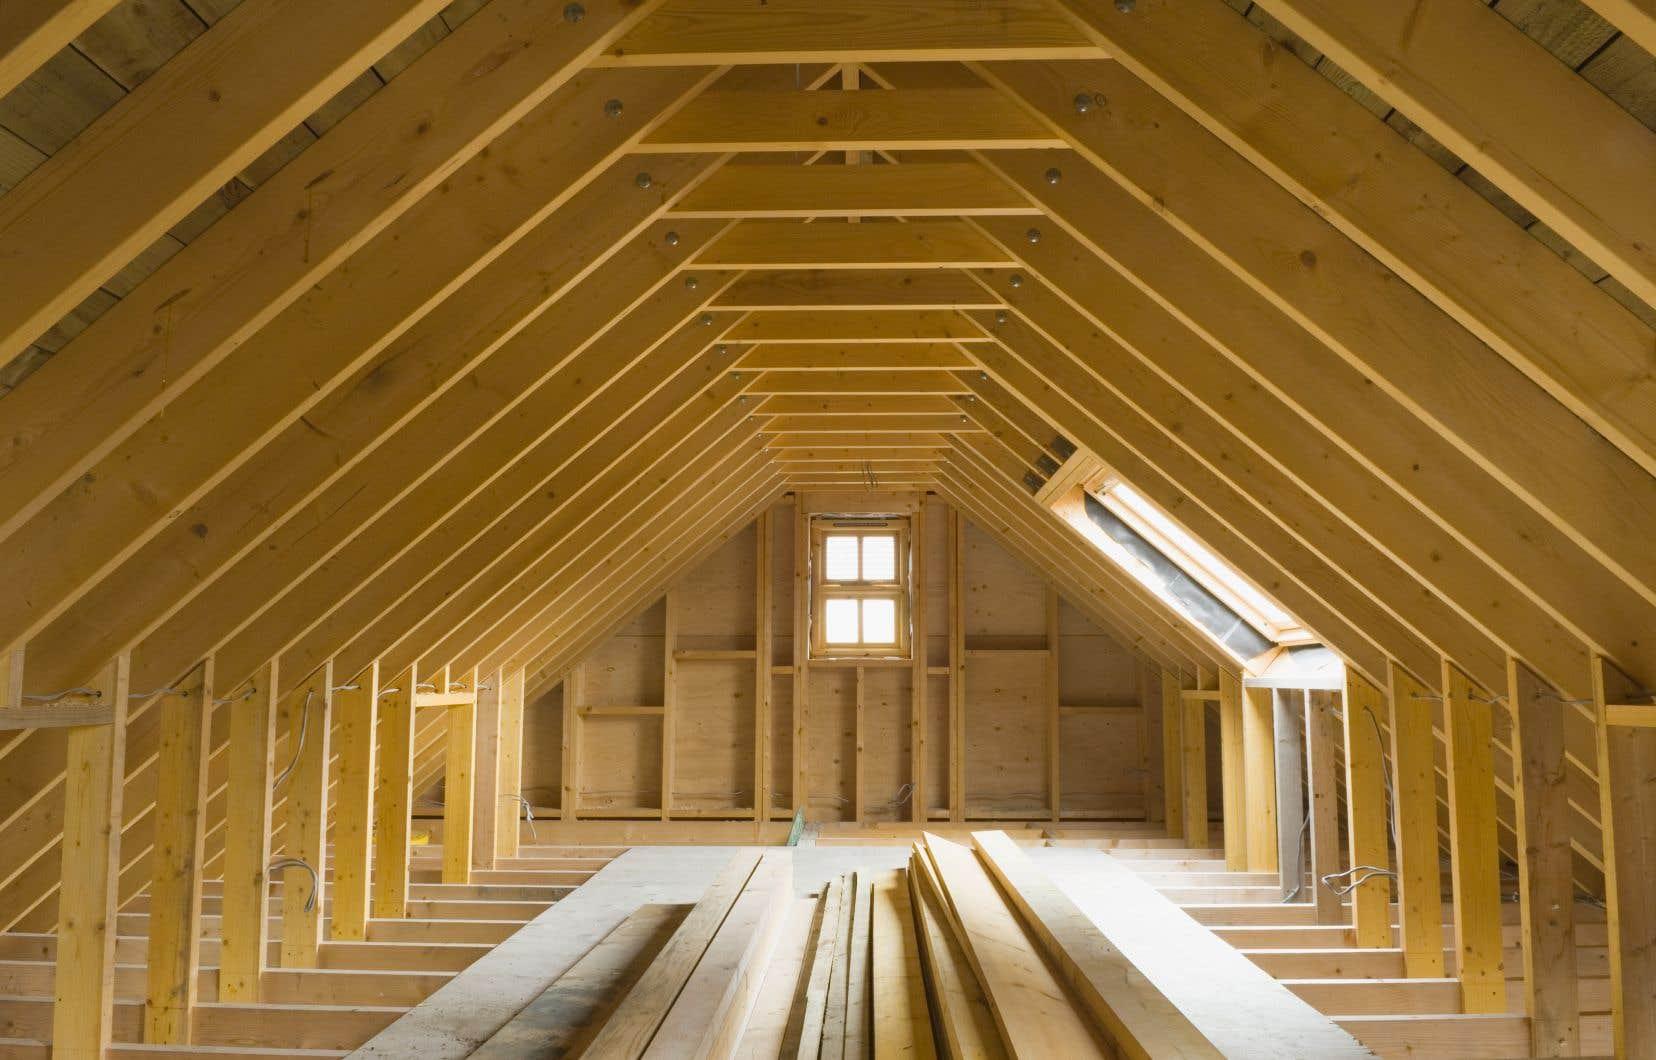 Aux États-Unis, le prix moyen d'une maison unifamiliale a bondi de 16000$US, et celui d'un logement en copropriété, de 6000 $US.